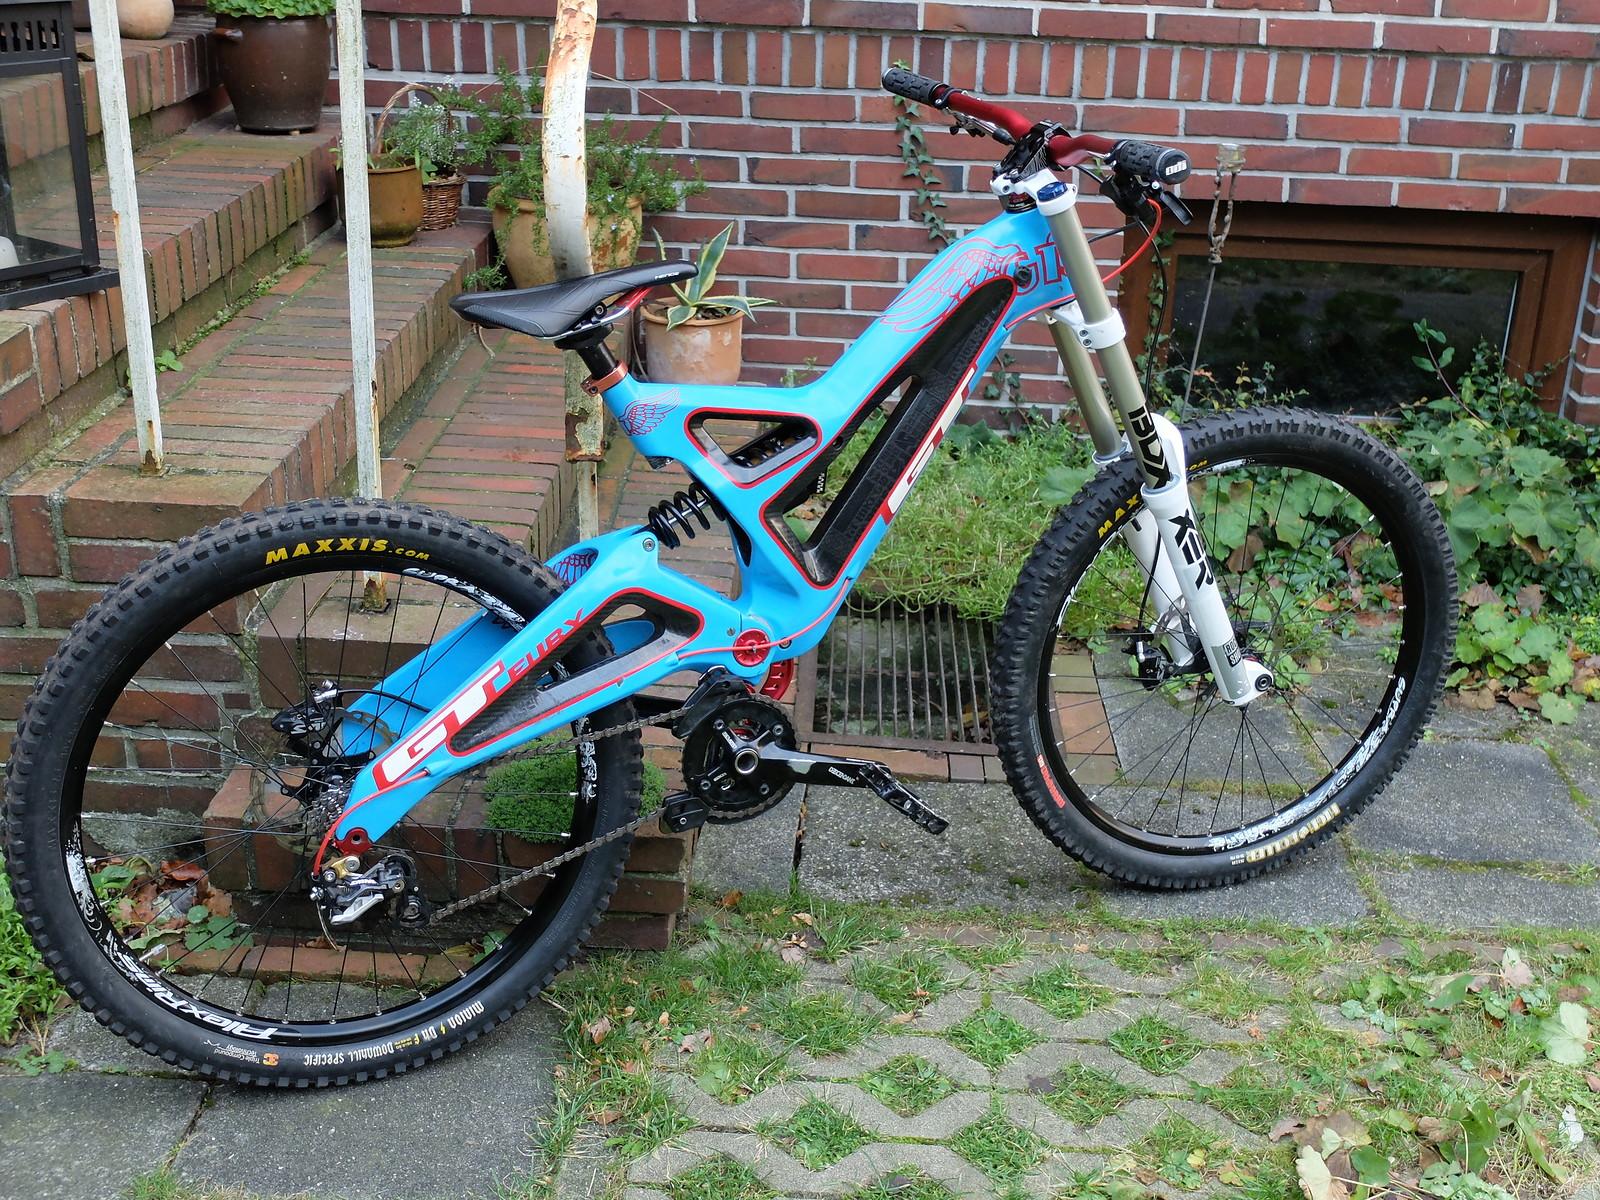 карбоновывй велосипед